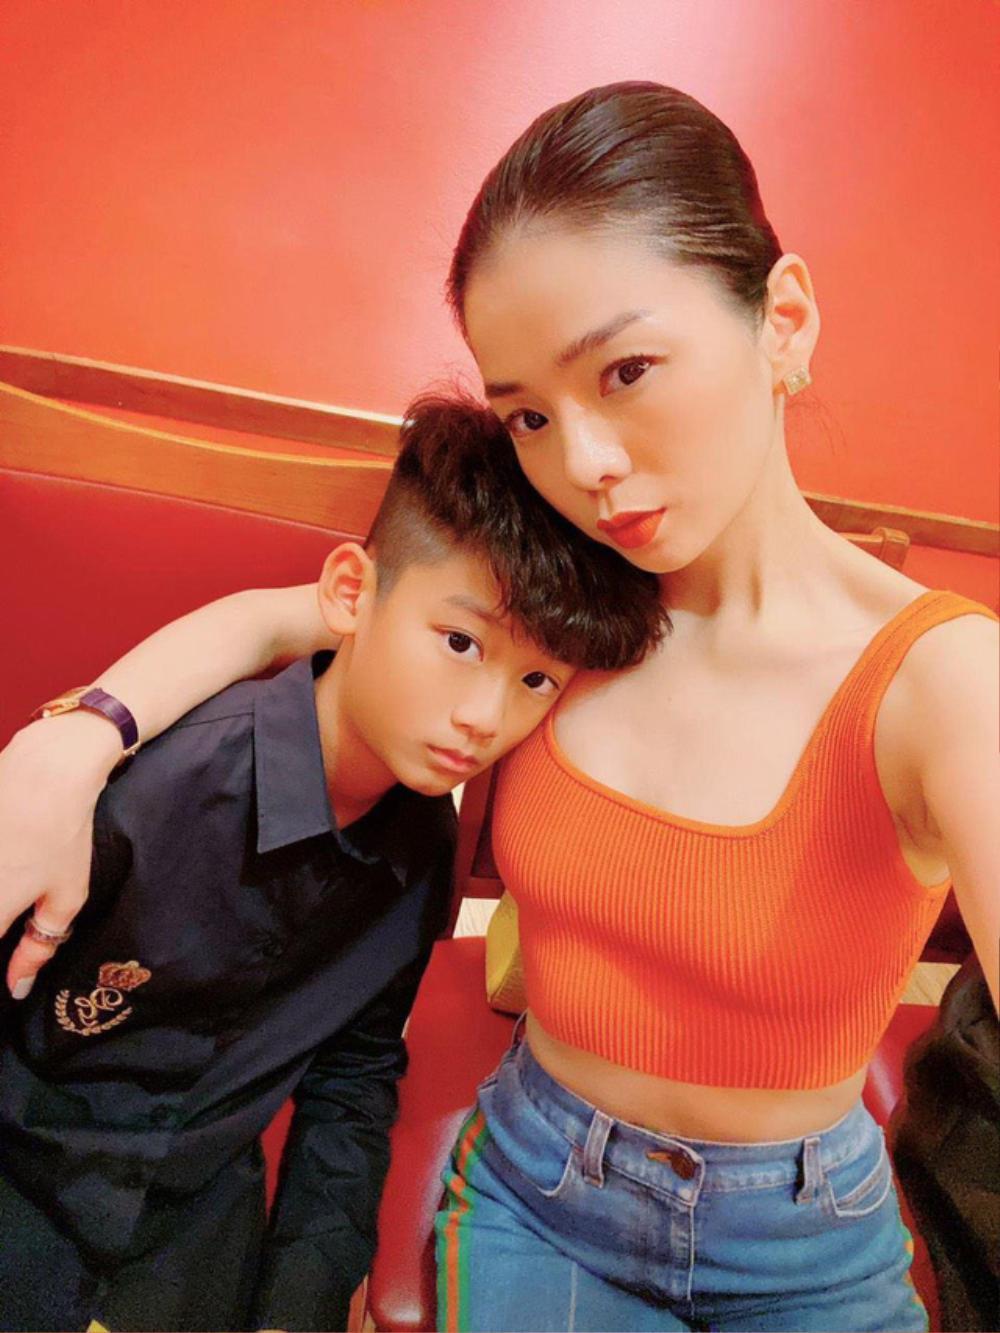 Dân mạng bất ngờ phát hiện mối quan hệ đặc biệt giữa Lâm Bảo Châu và con trai Lệ Quyên Ảnh 6